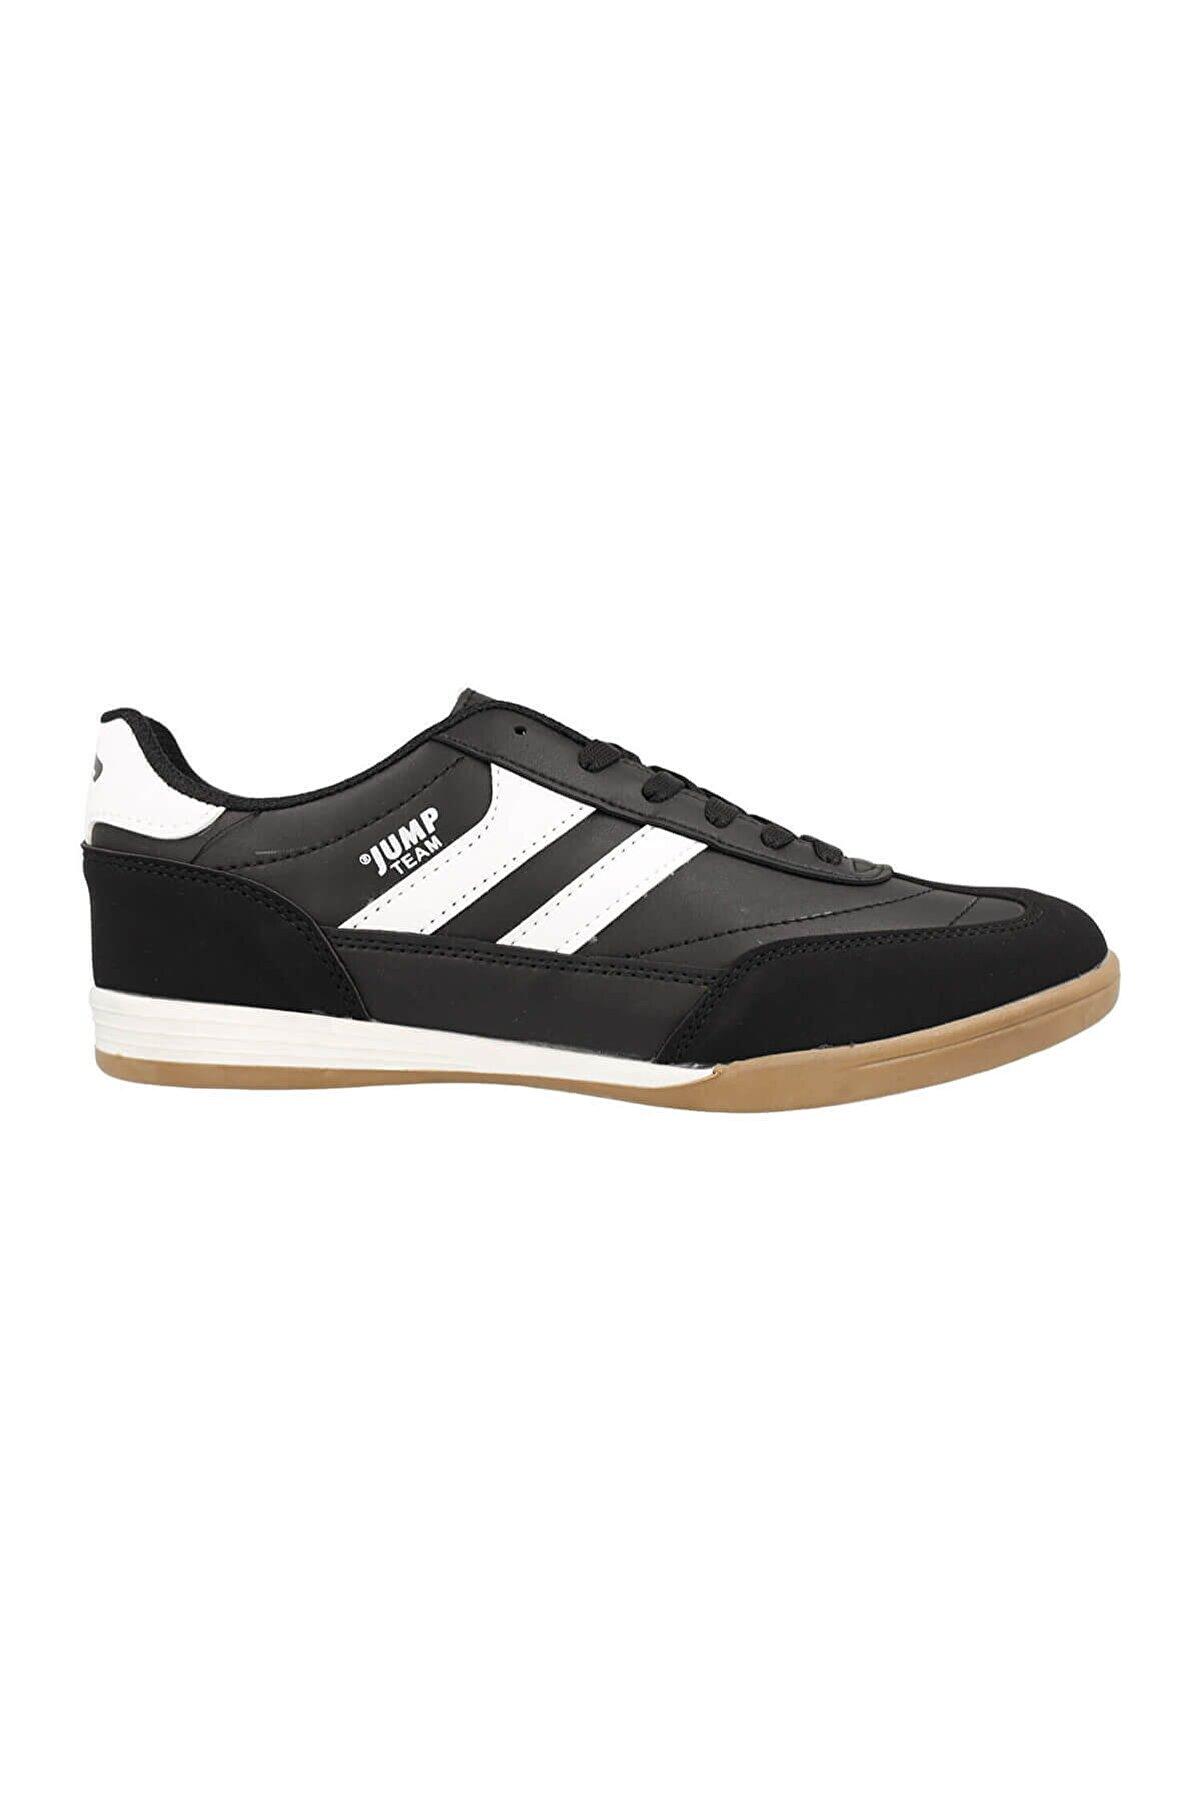 Jump Erkek Salon Futbolu Ayakkabısı 18089 Siyah-beyaz 10s0418089